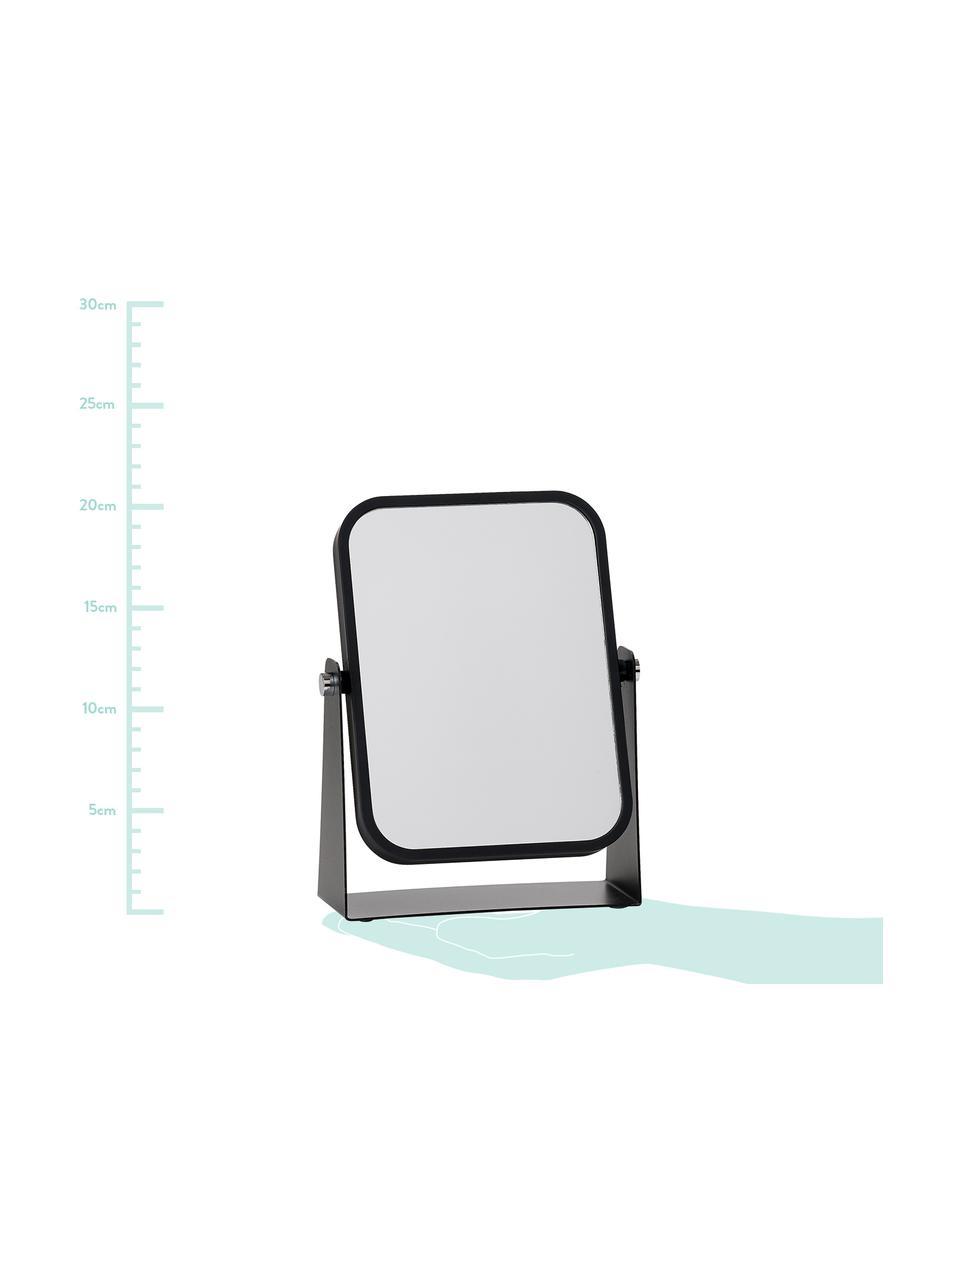 Kosmetikspiegel Aurora mit Vergrößerung, Rahmen: Metall, Spiegelfläche: Spiegelglas, Rahmen: SchwarzSpiegelfläche: Spiegelglas, 15 x 21 cm